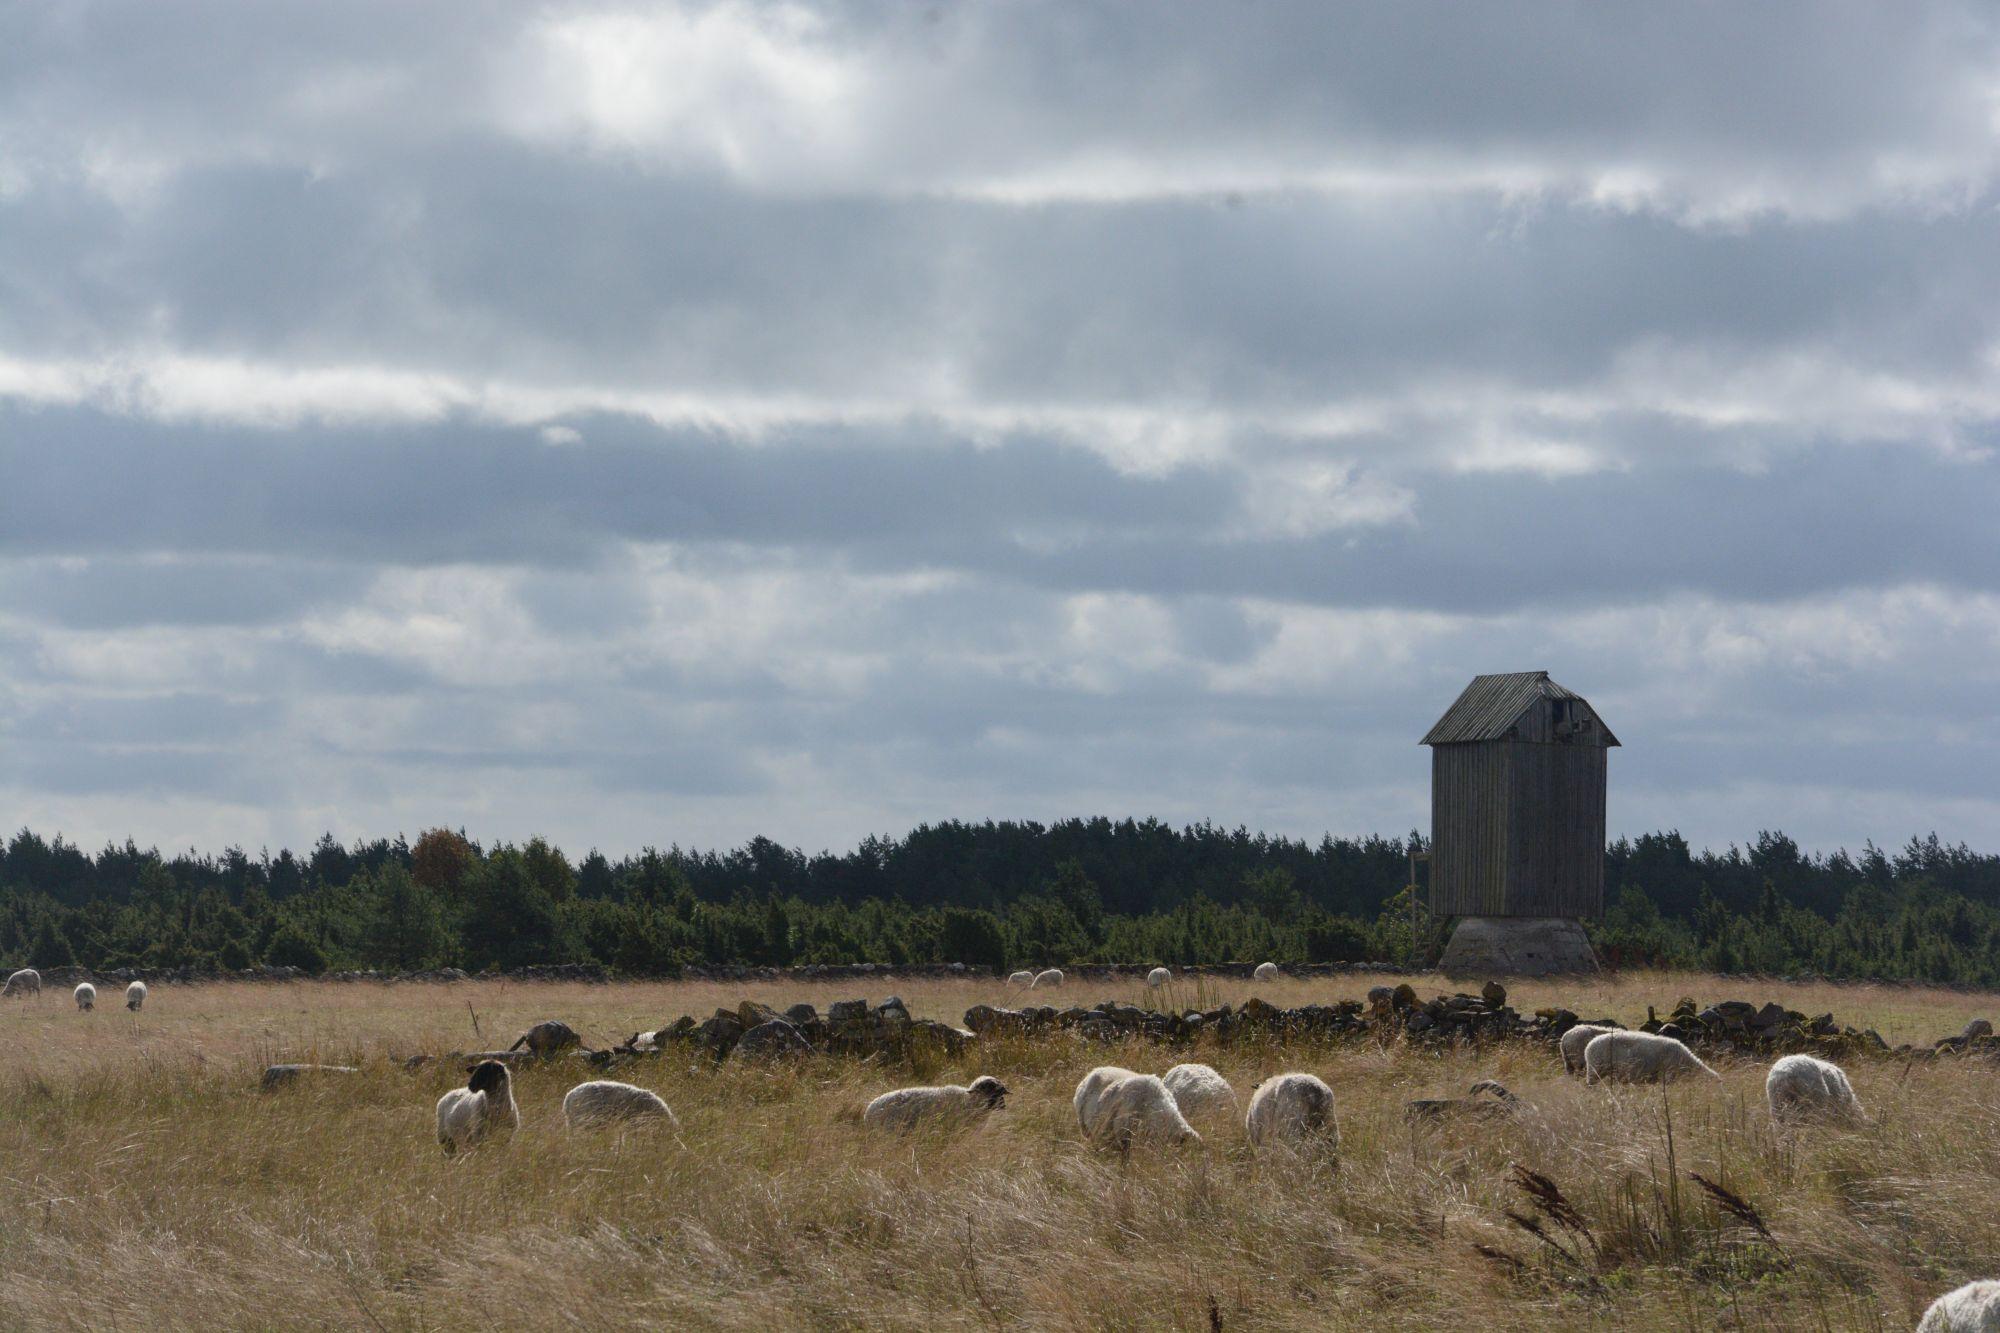 Vilsandi idülliline maastik, mida aitavad hooldada lisaks lammastele ja veistele ka talgulised. Foto: Kadri Paomees.